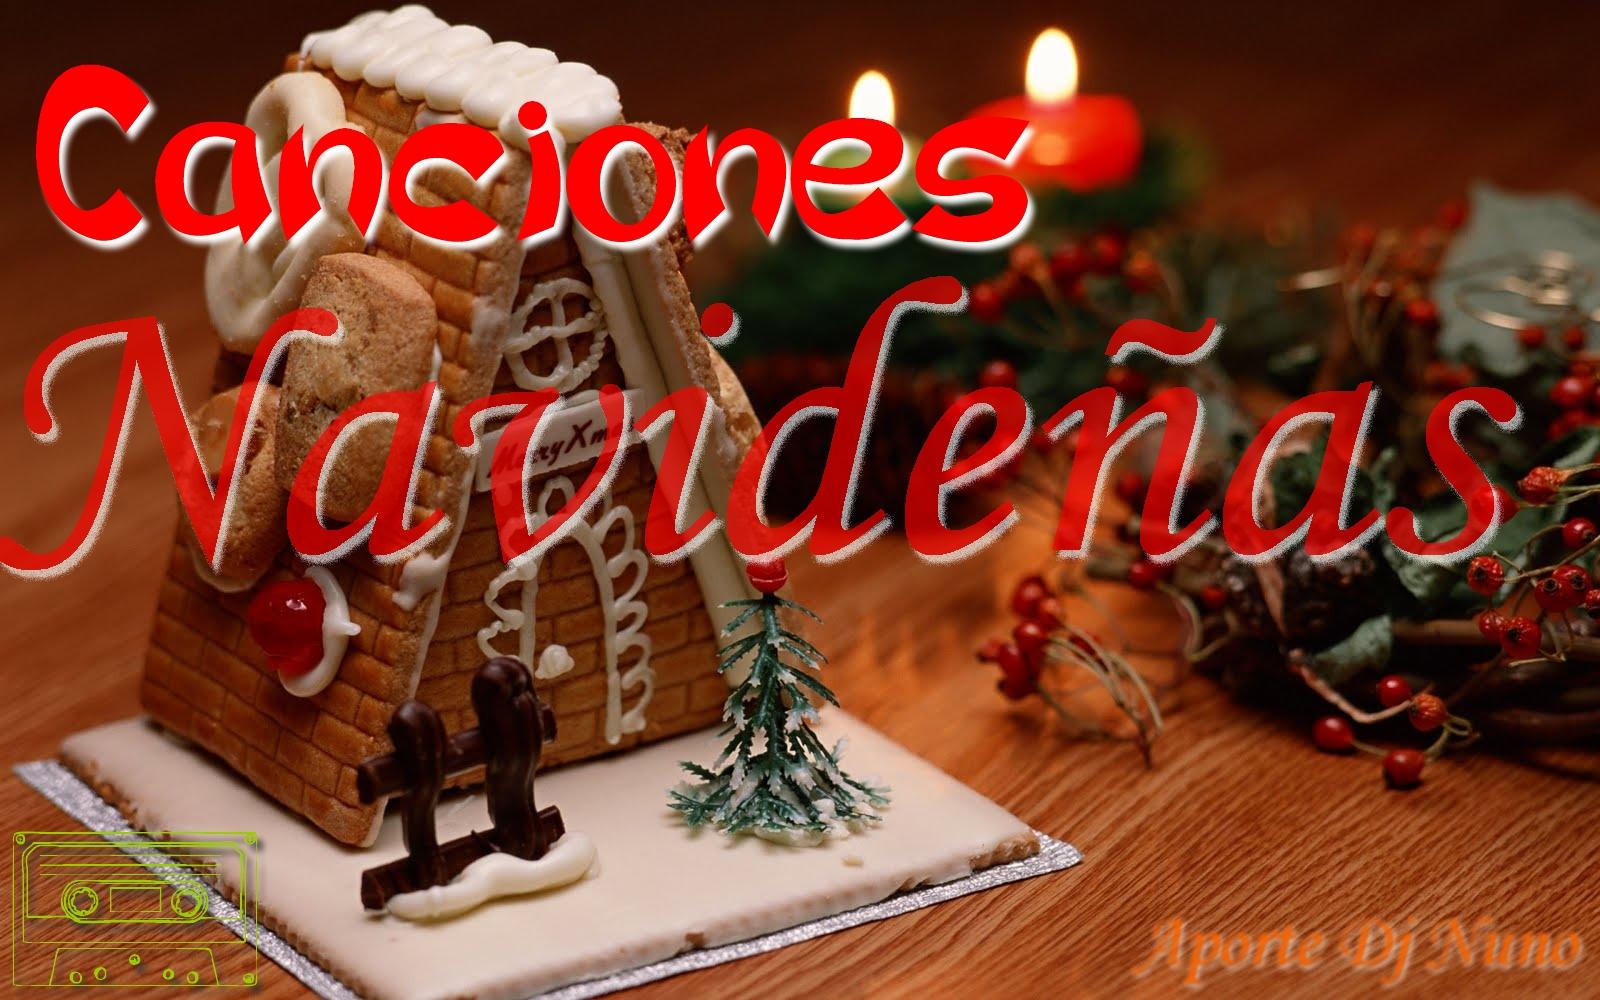 de canciones navidenas y villancicos: